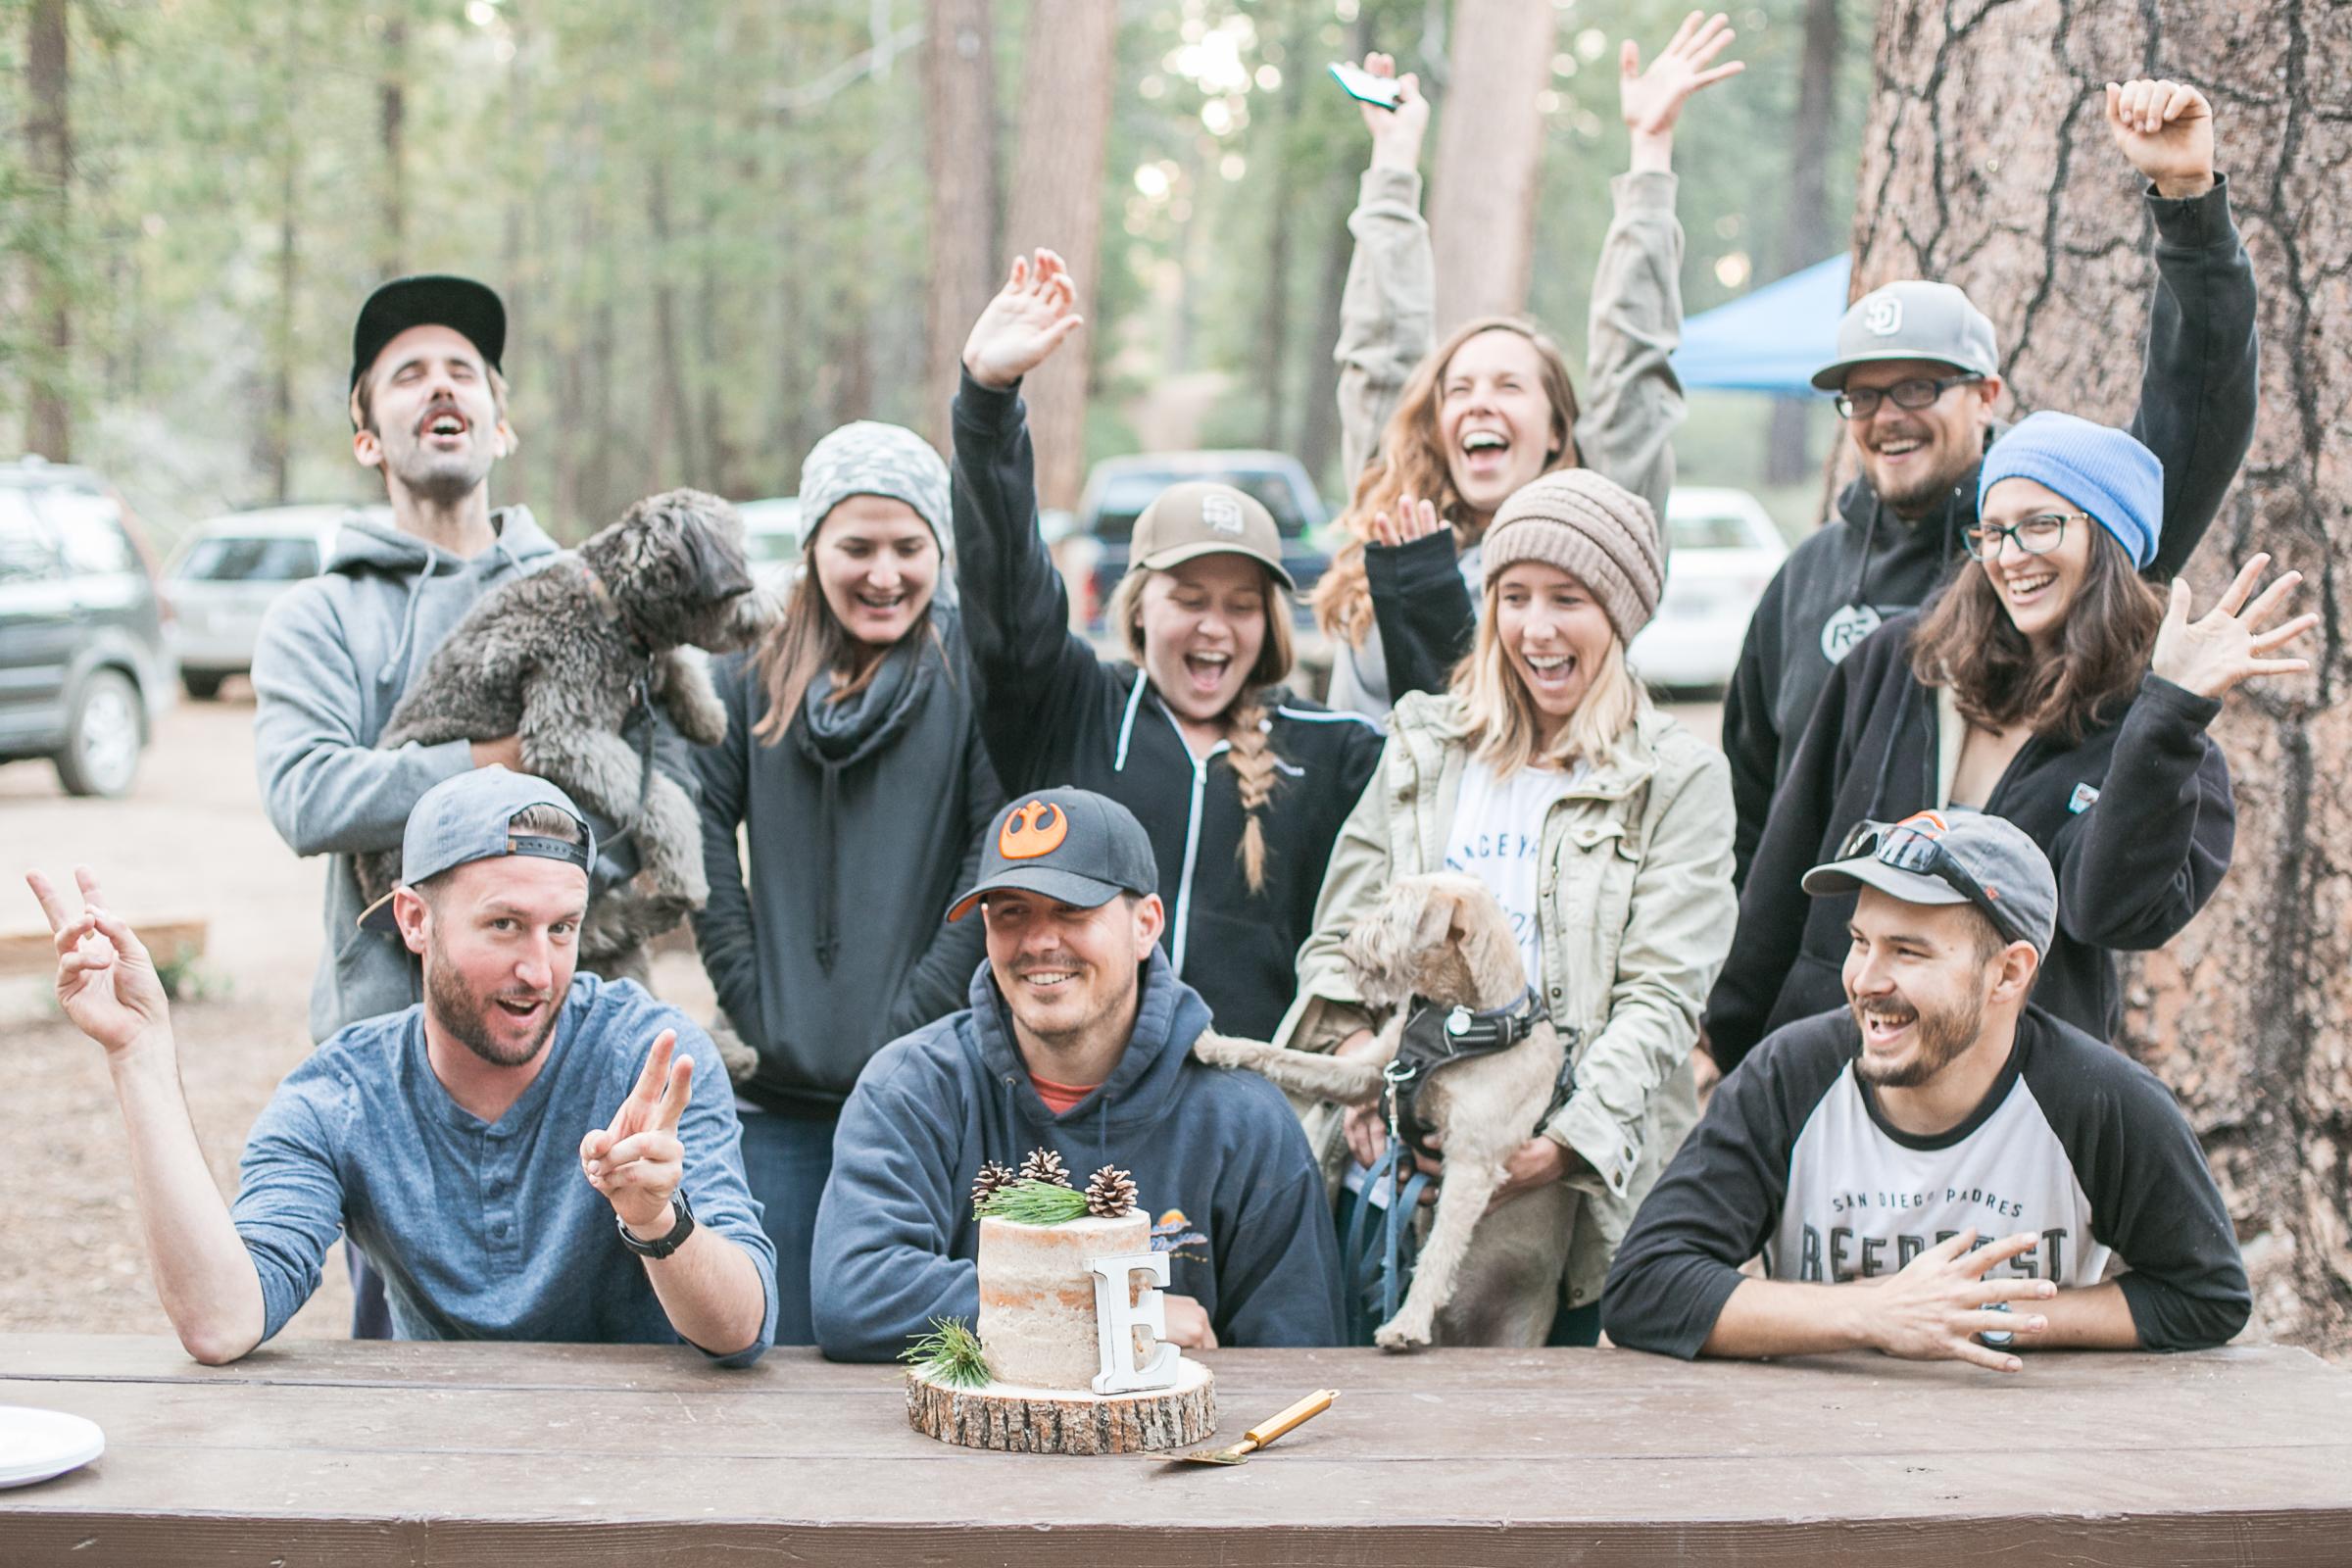 Big Bear_Lake_Camping_Trip_2017-30.jpg